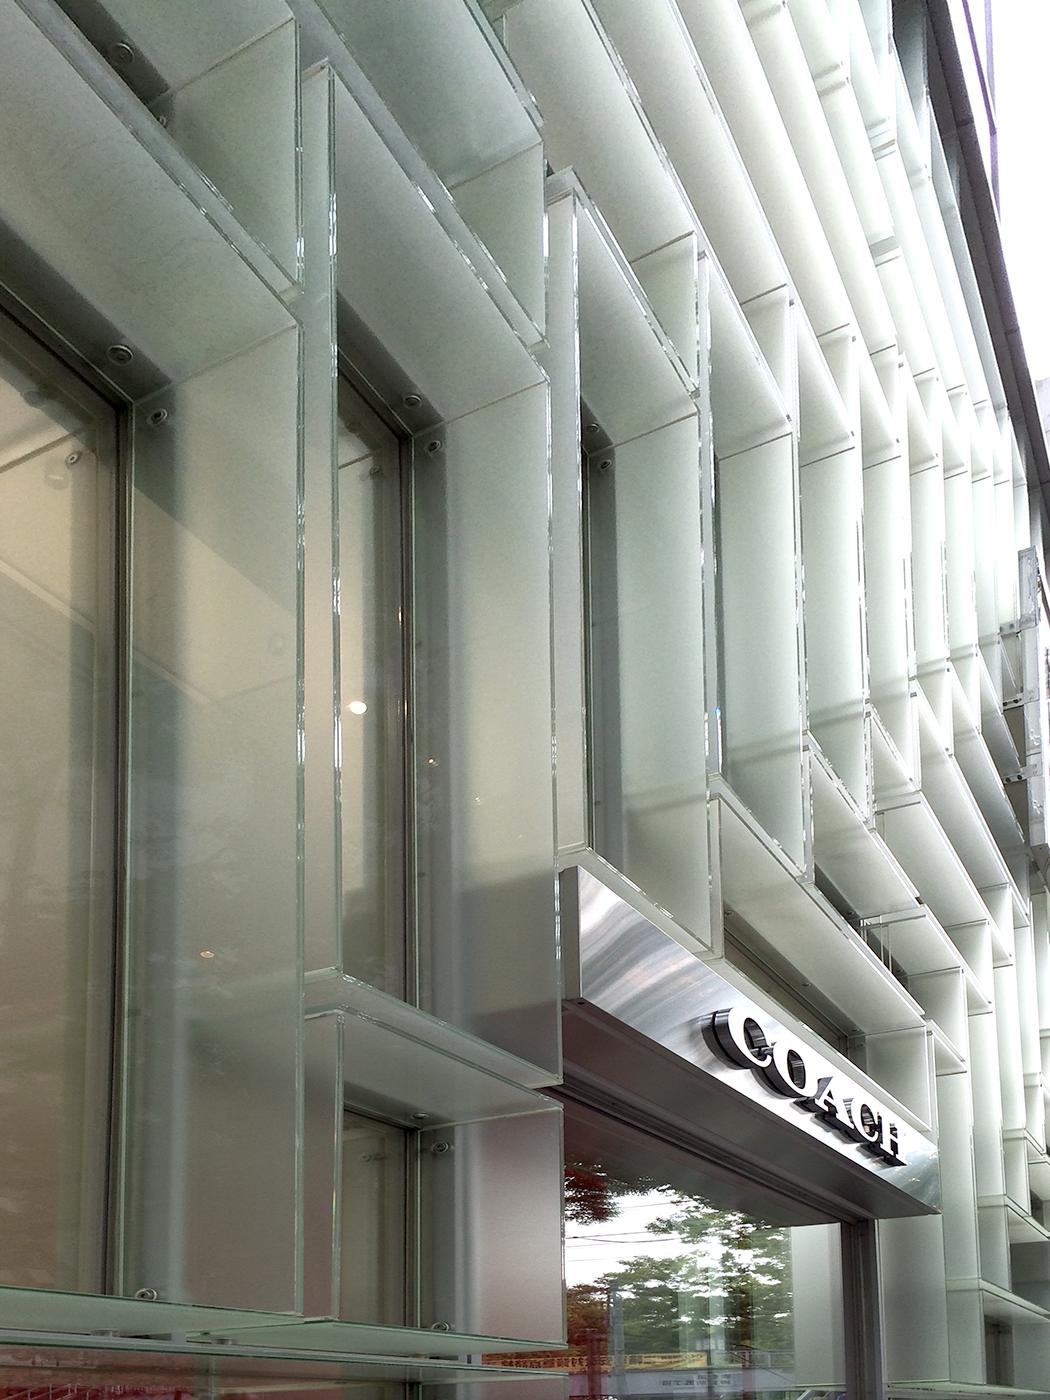 Coach Flagship Store facade - Tokyo, Japan